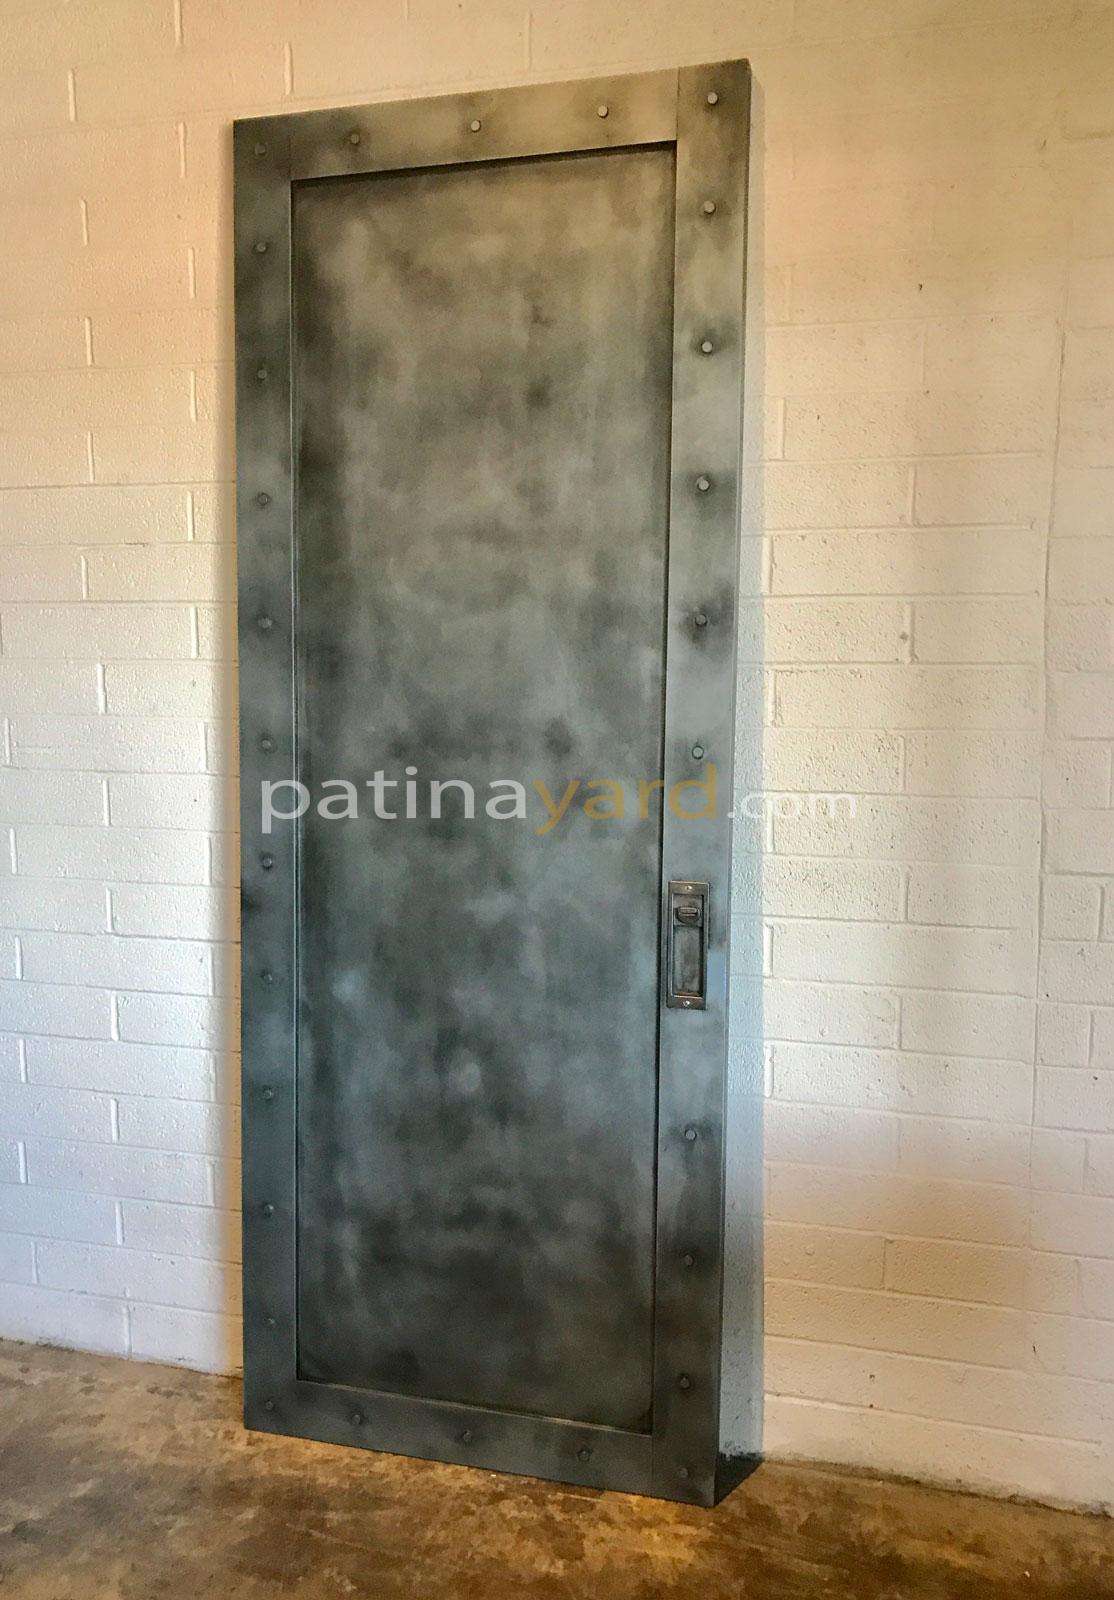 industrial style Zinc pocket door